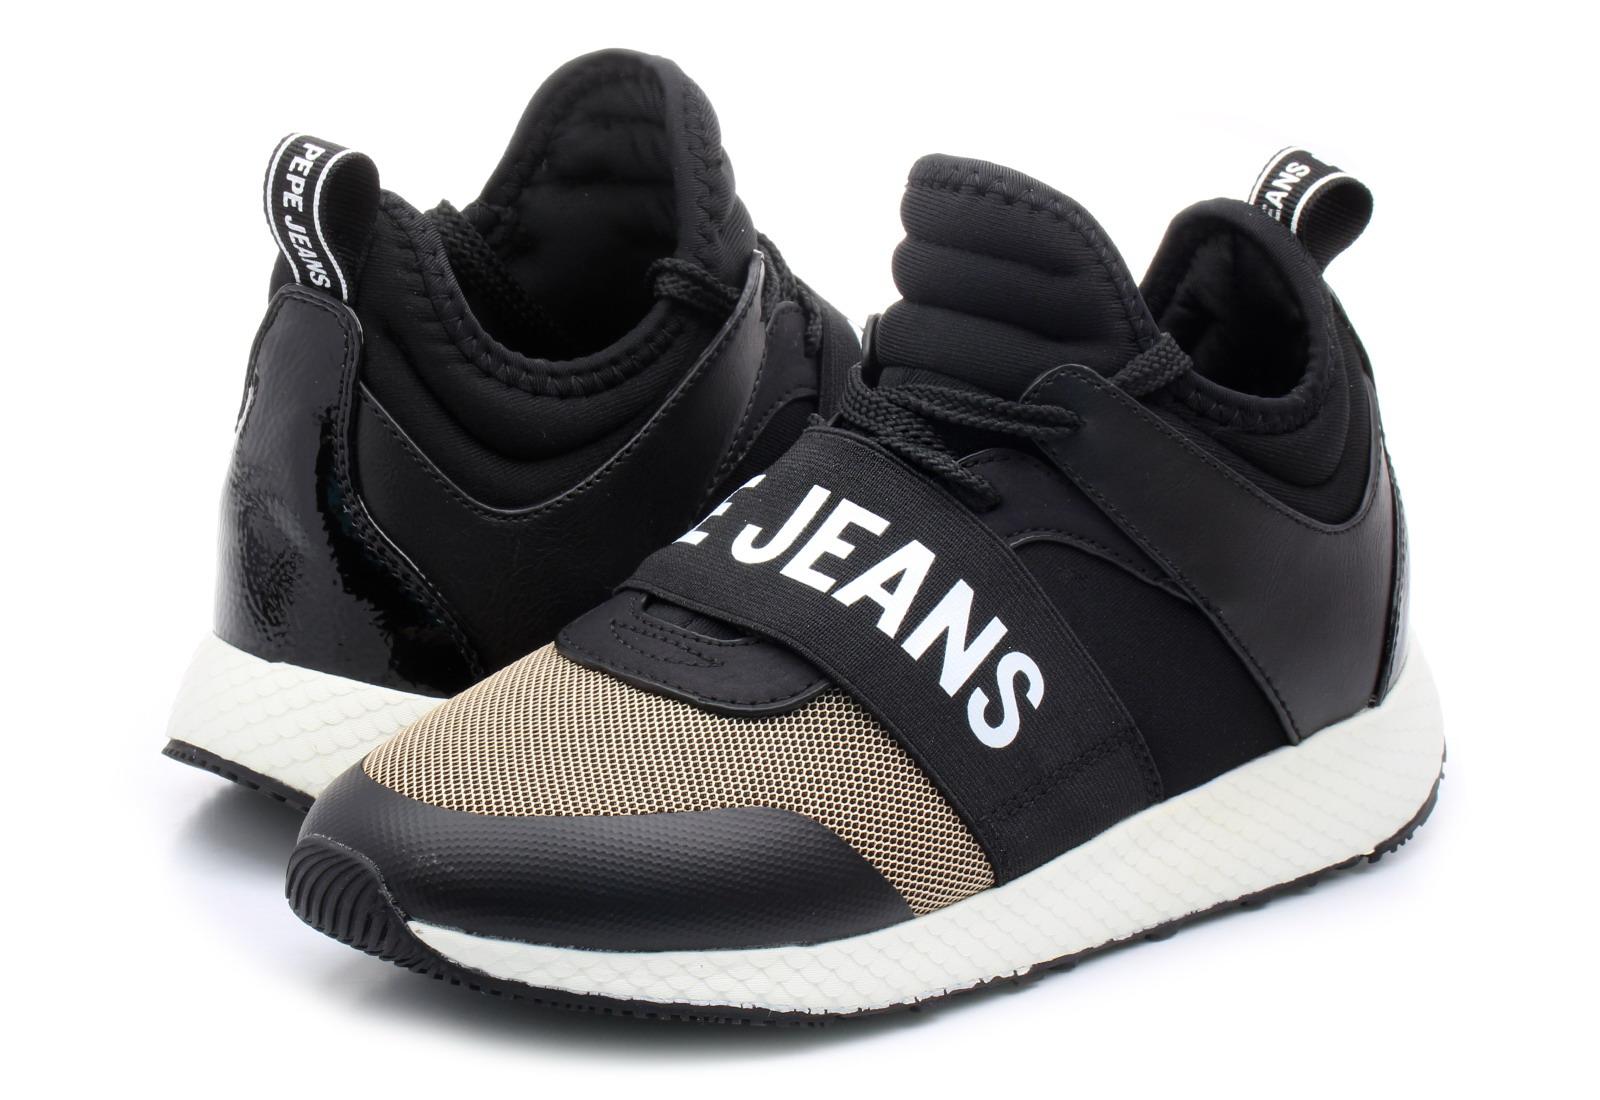 Pepe Jeans Nízké boty - Koko - PLS30741999Tenisky 291eddd780